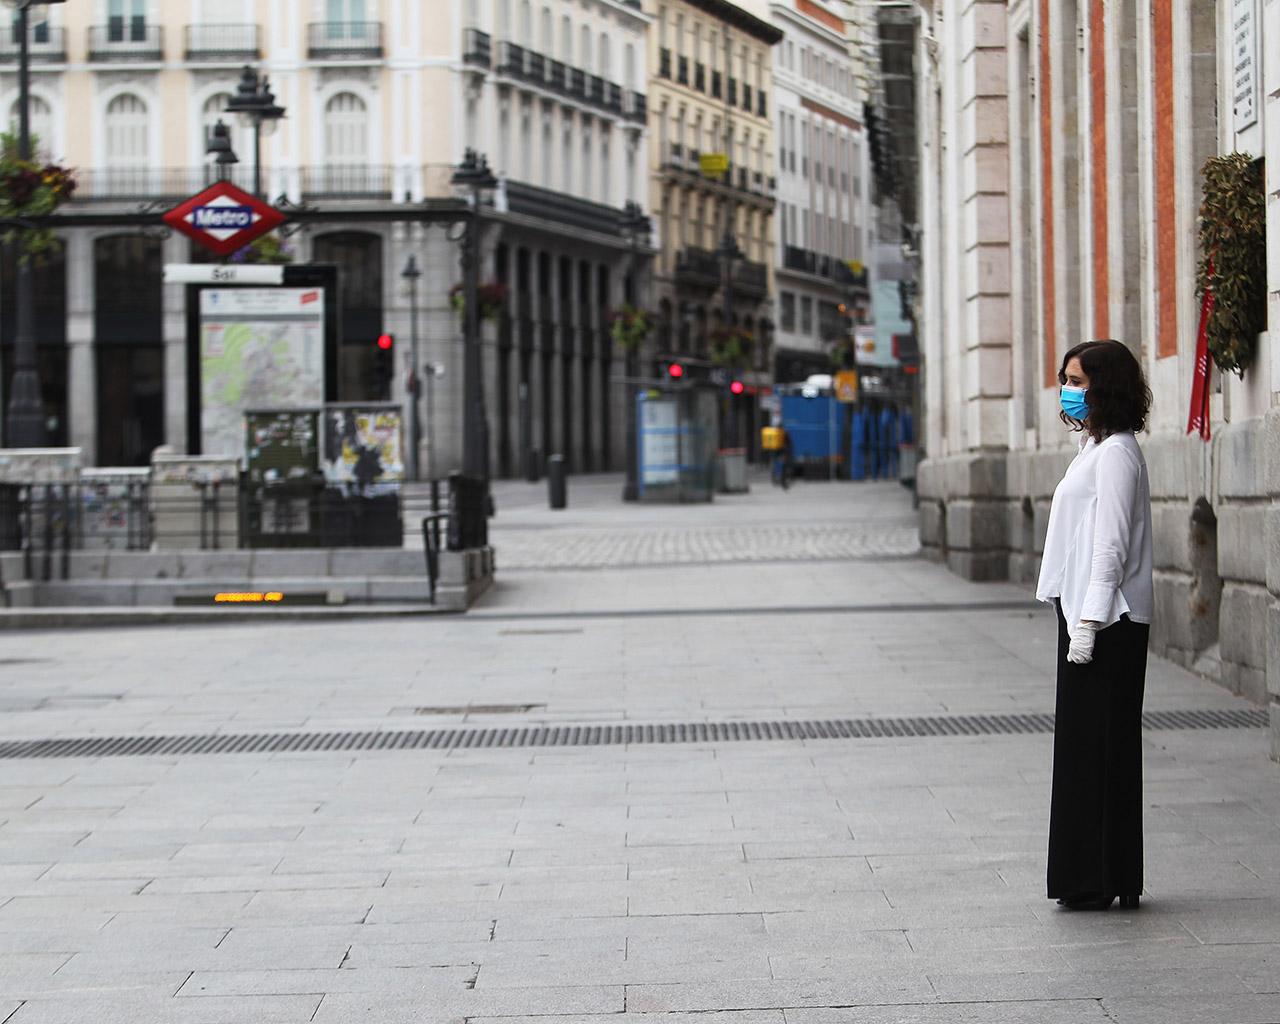 La presidenta de la Comunidad de Madrid, Isabel Díaz Ayuso, durante el minuto de silencio celebrado en la Puerta del Sol. Madrid. 23/04/2020.